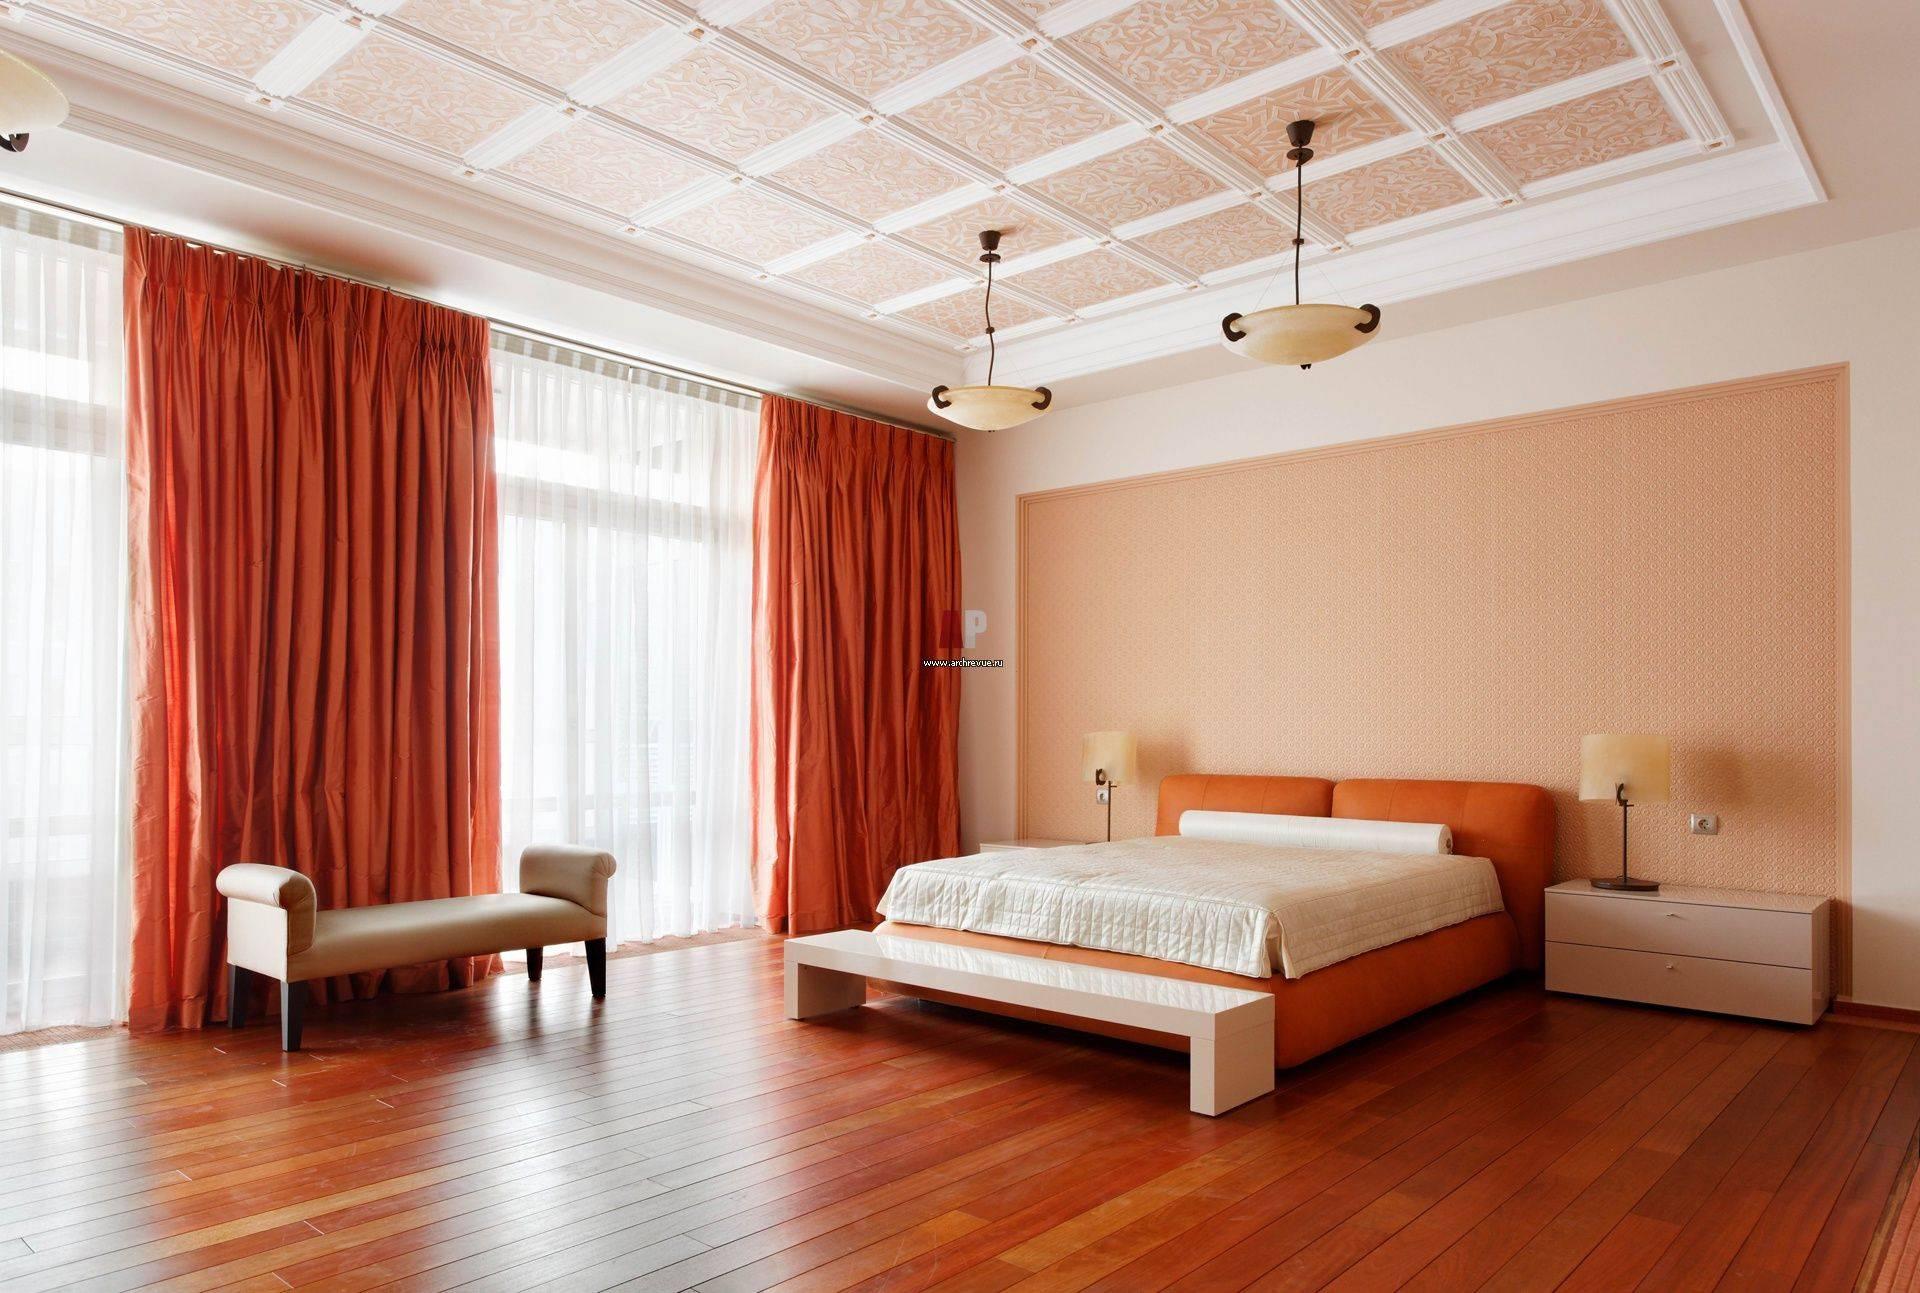 Как выбрать гибкий потолочный плинтус – виды, различия, преимущества, правила крепления на потолок